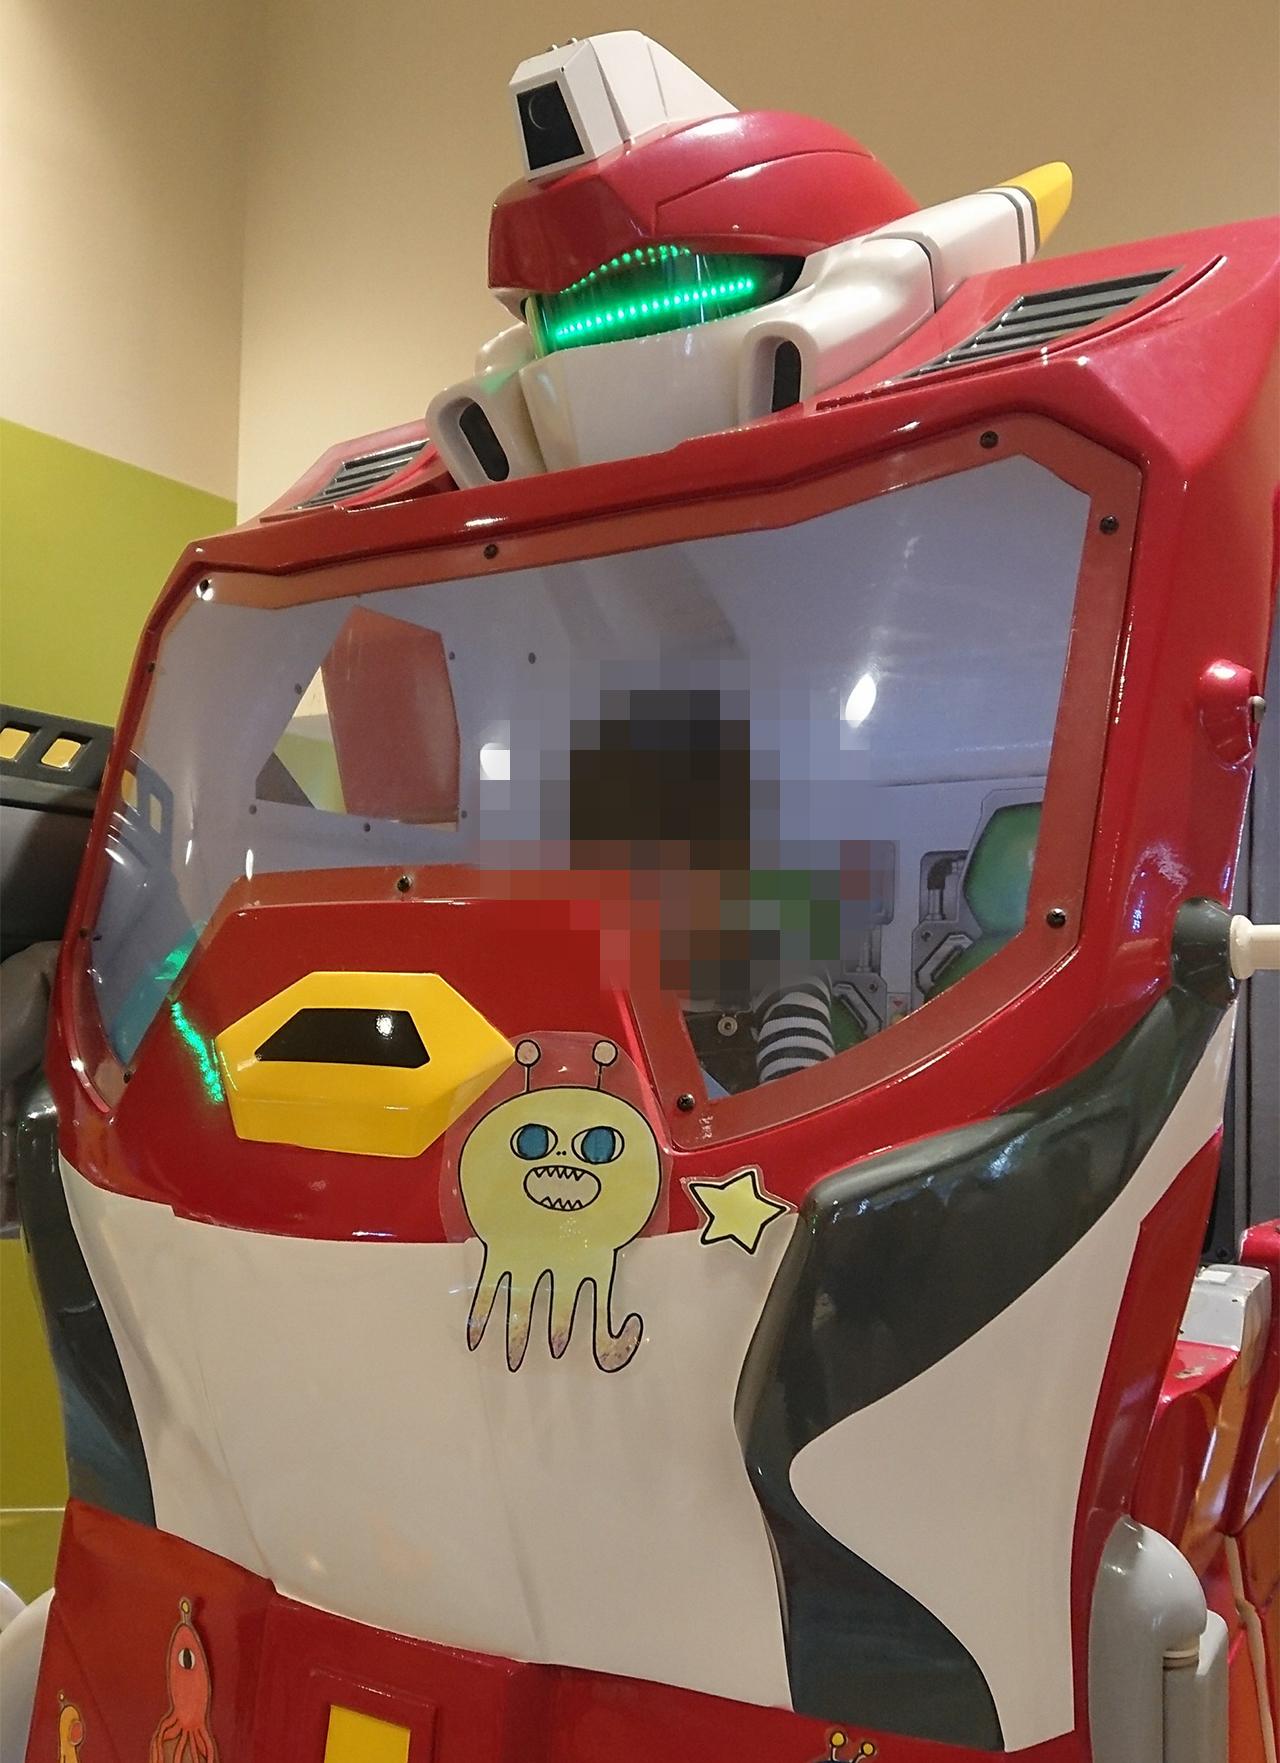 巨大ロボットを操縦する子供の写真